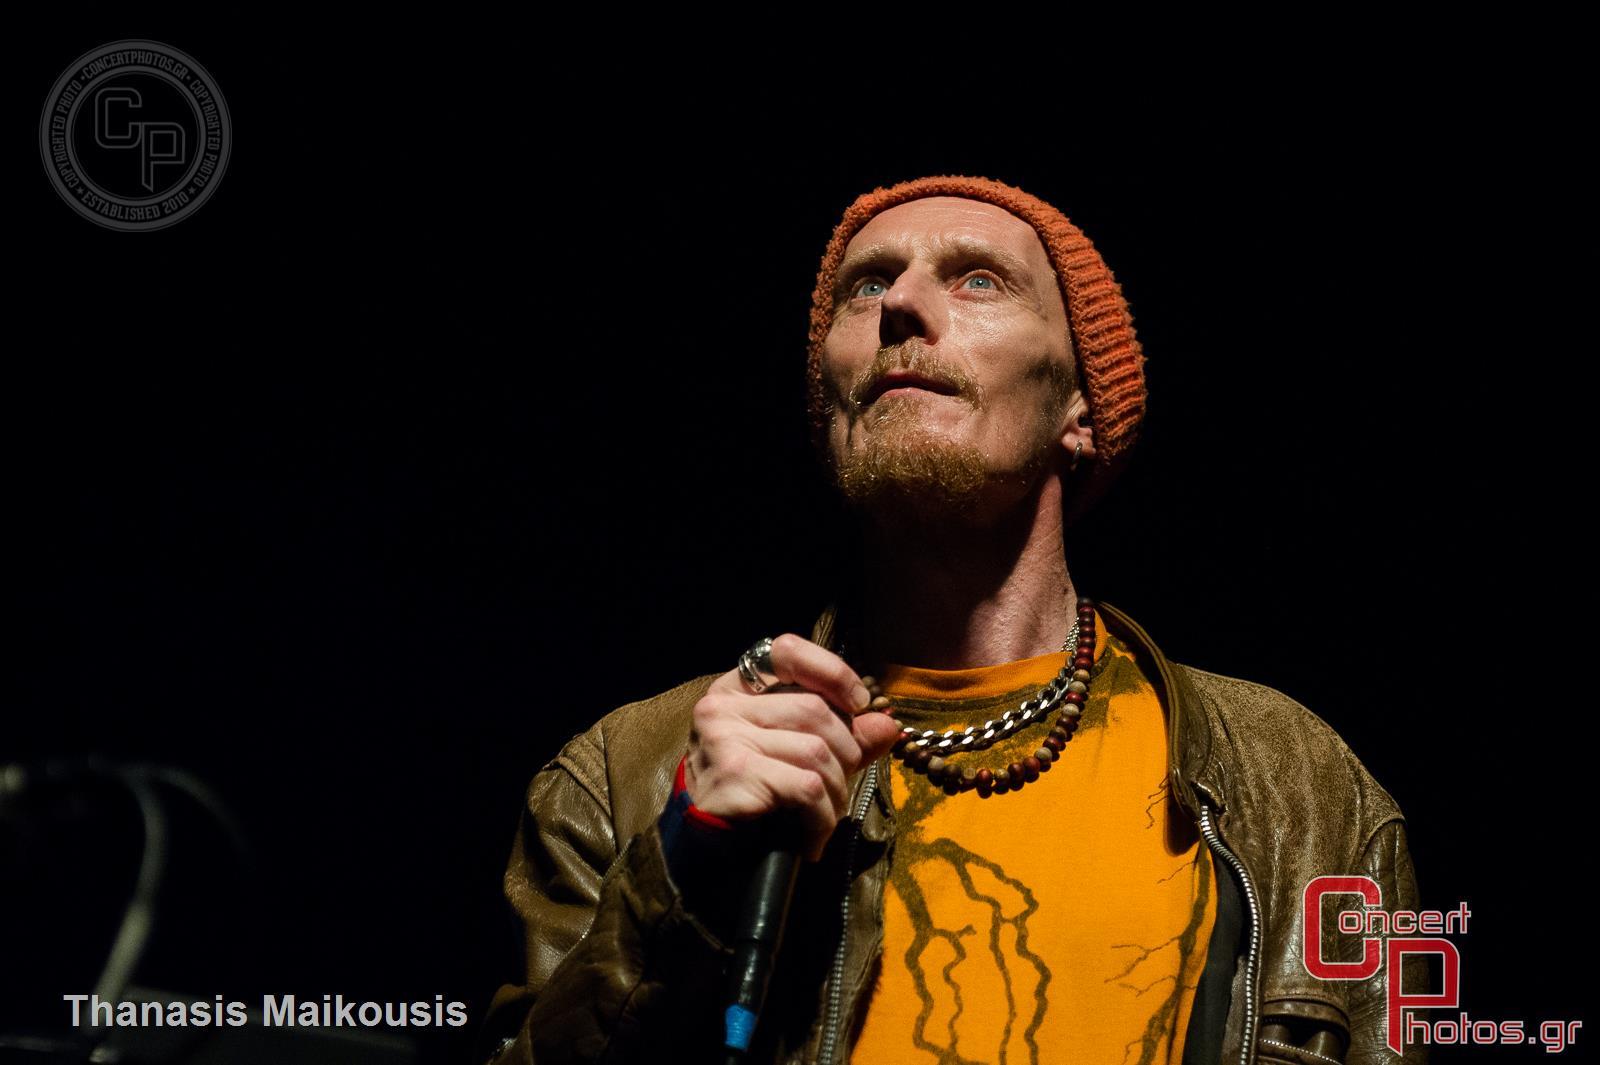 Stereo Mc's-Stereo Mcs photographer: Thanasis Maikousis - ConcertPhotos - 20141129_2310_09